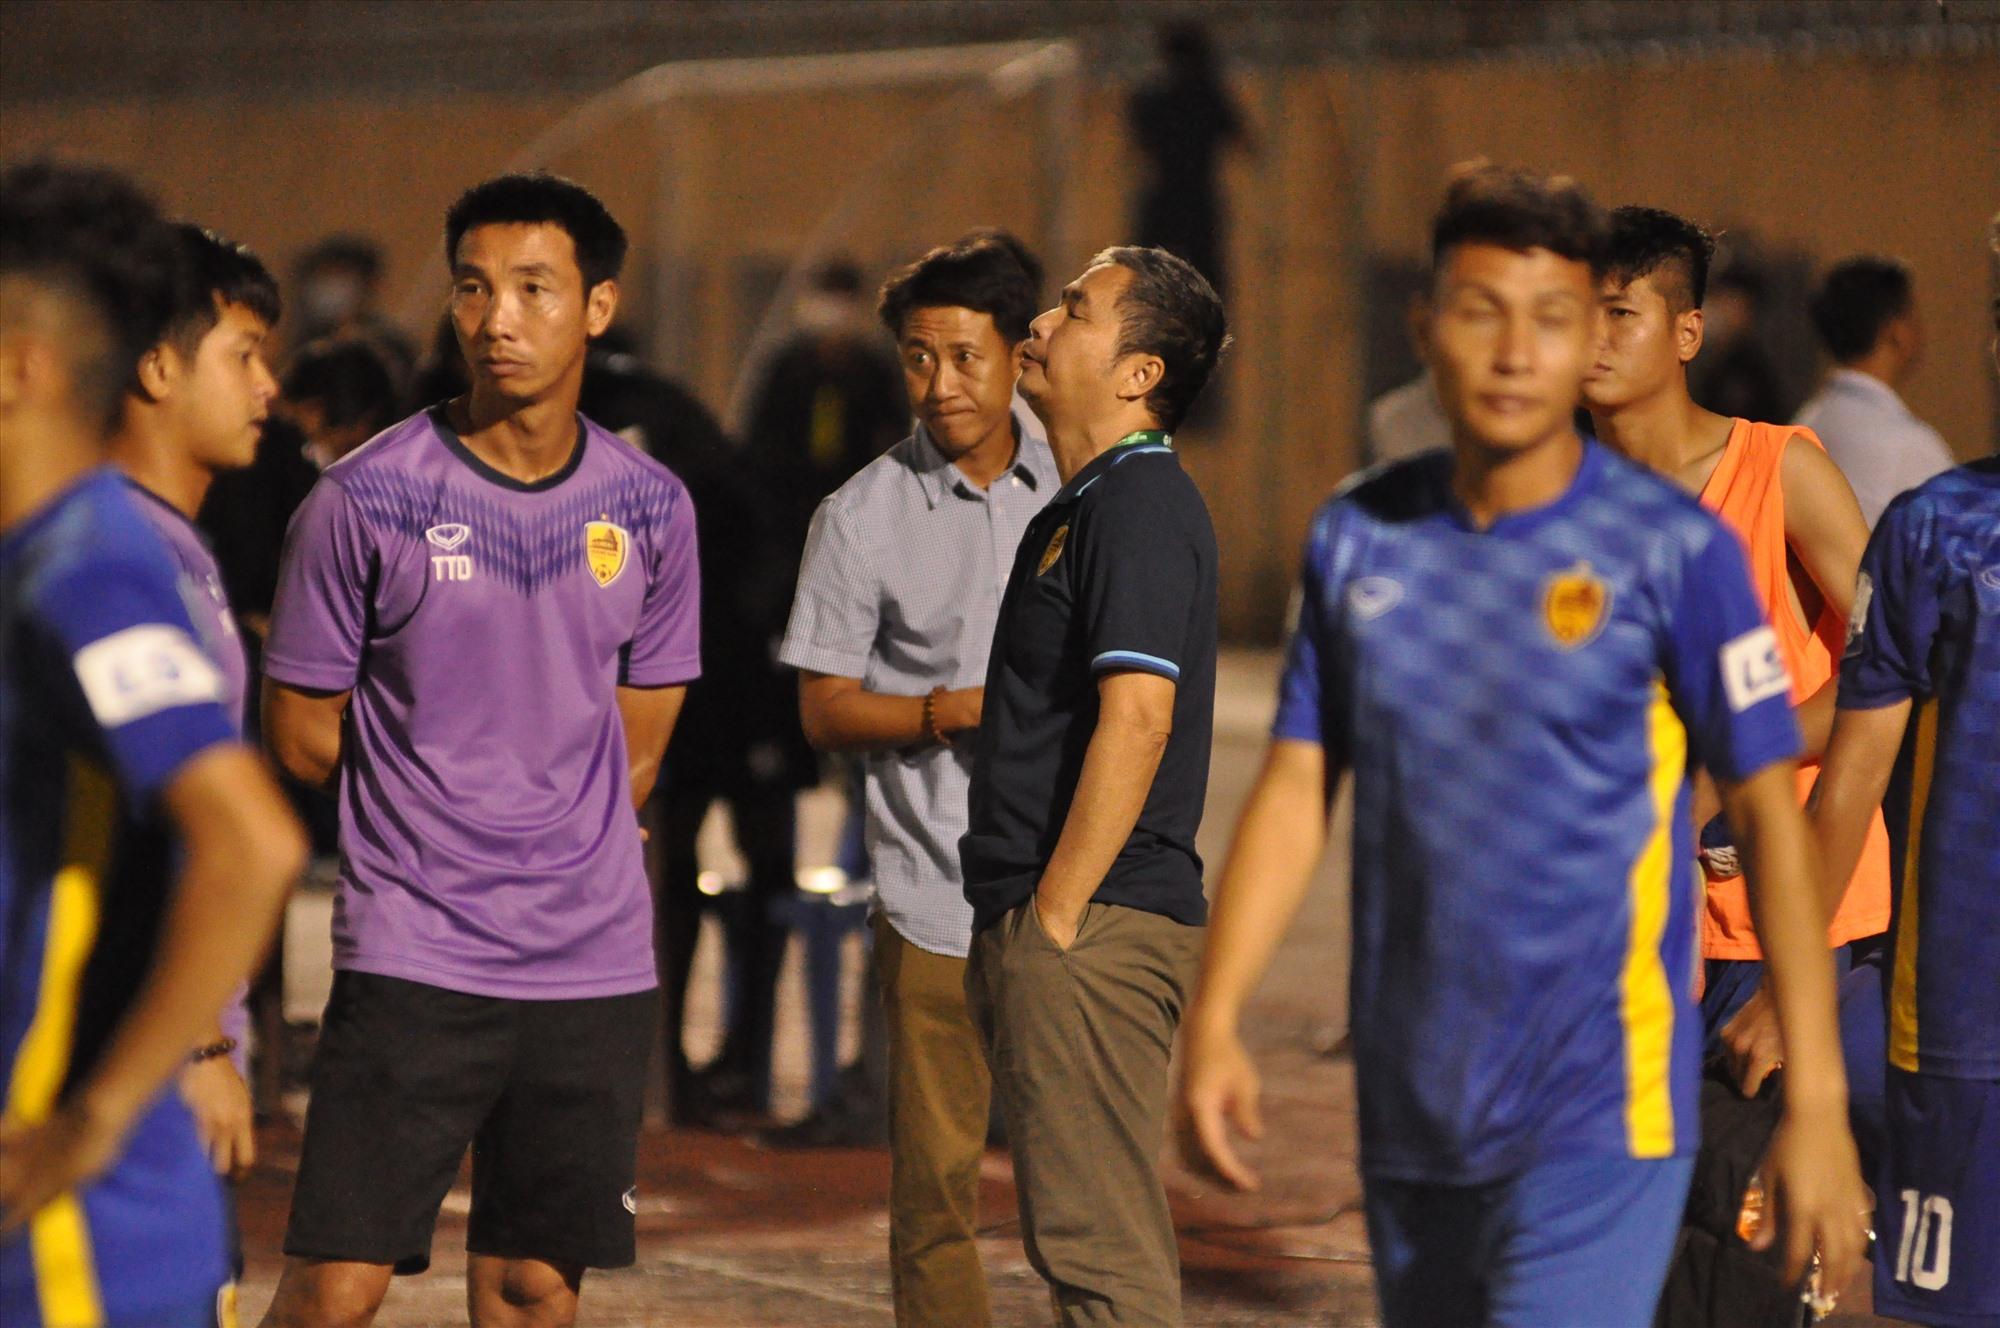 Sự thất vọng của Giám đốc điều hành Dương Nghiệp Khôi và HLV Nguyễn Thành Công sau thất bại trước Khánh Hòa. Ảnh: T.VY